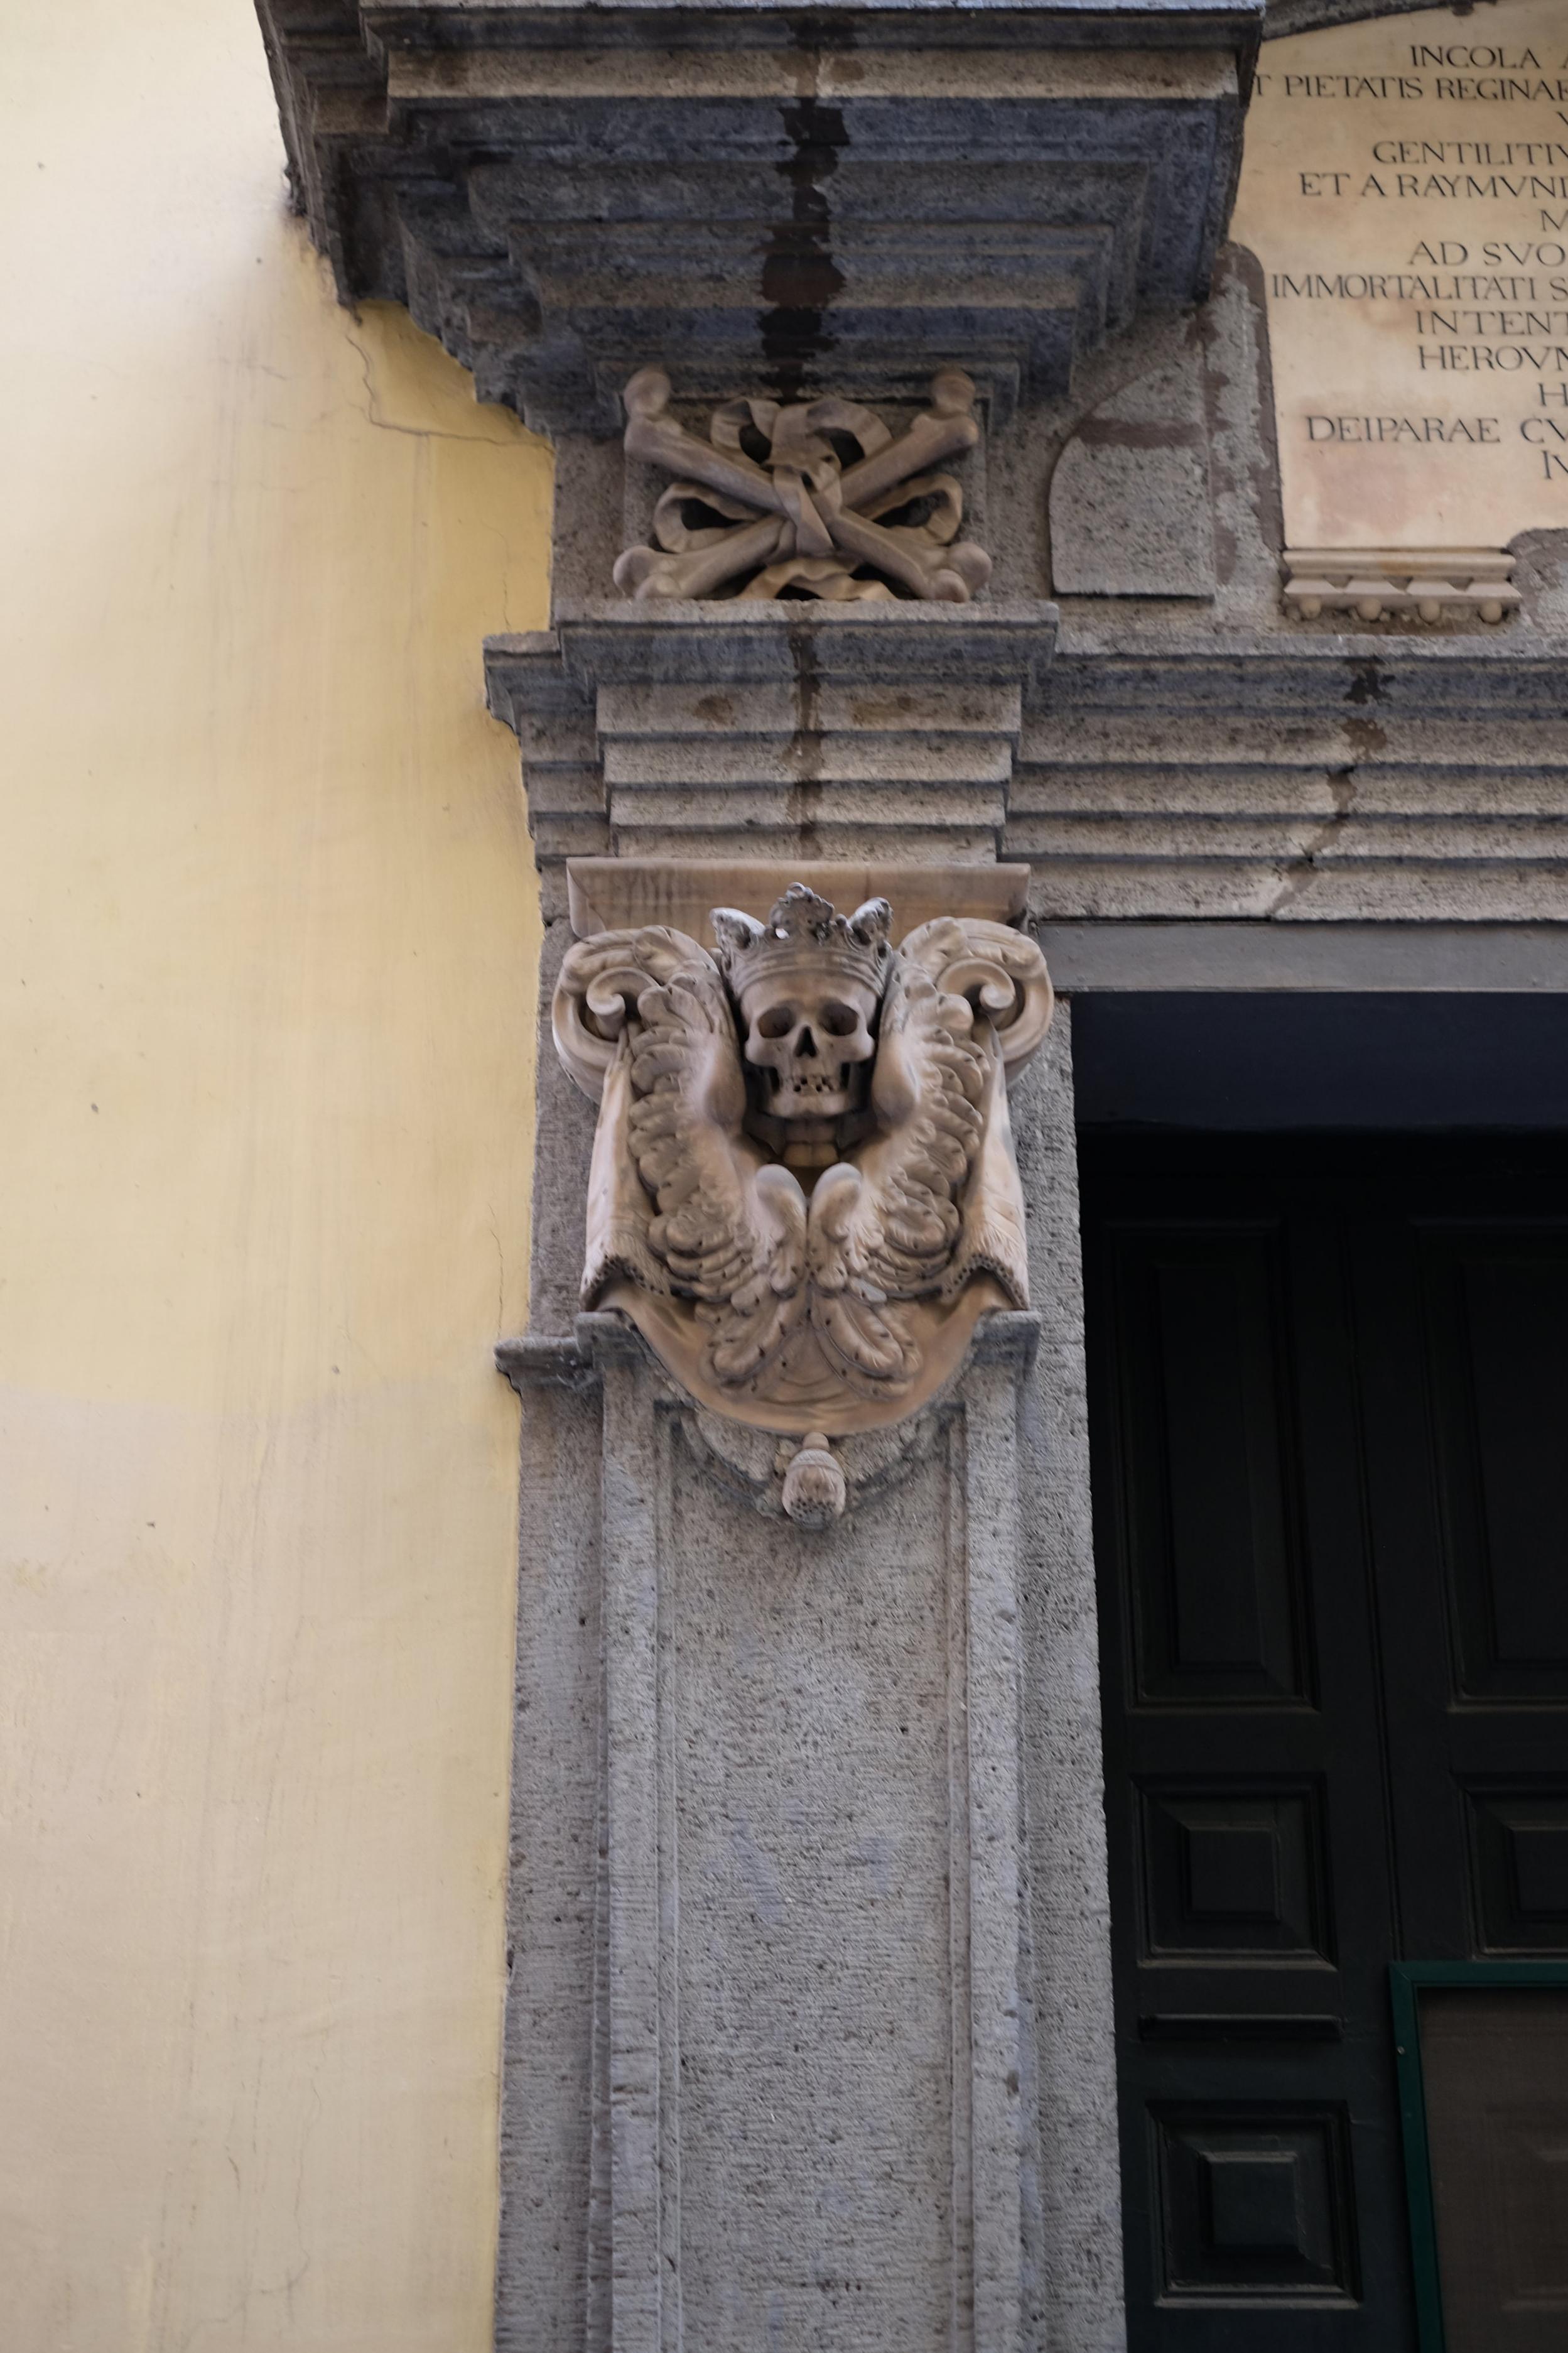 Details of the door.